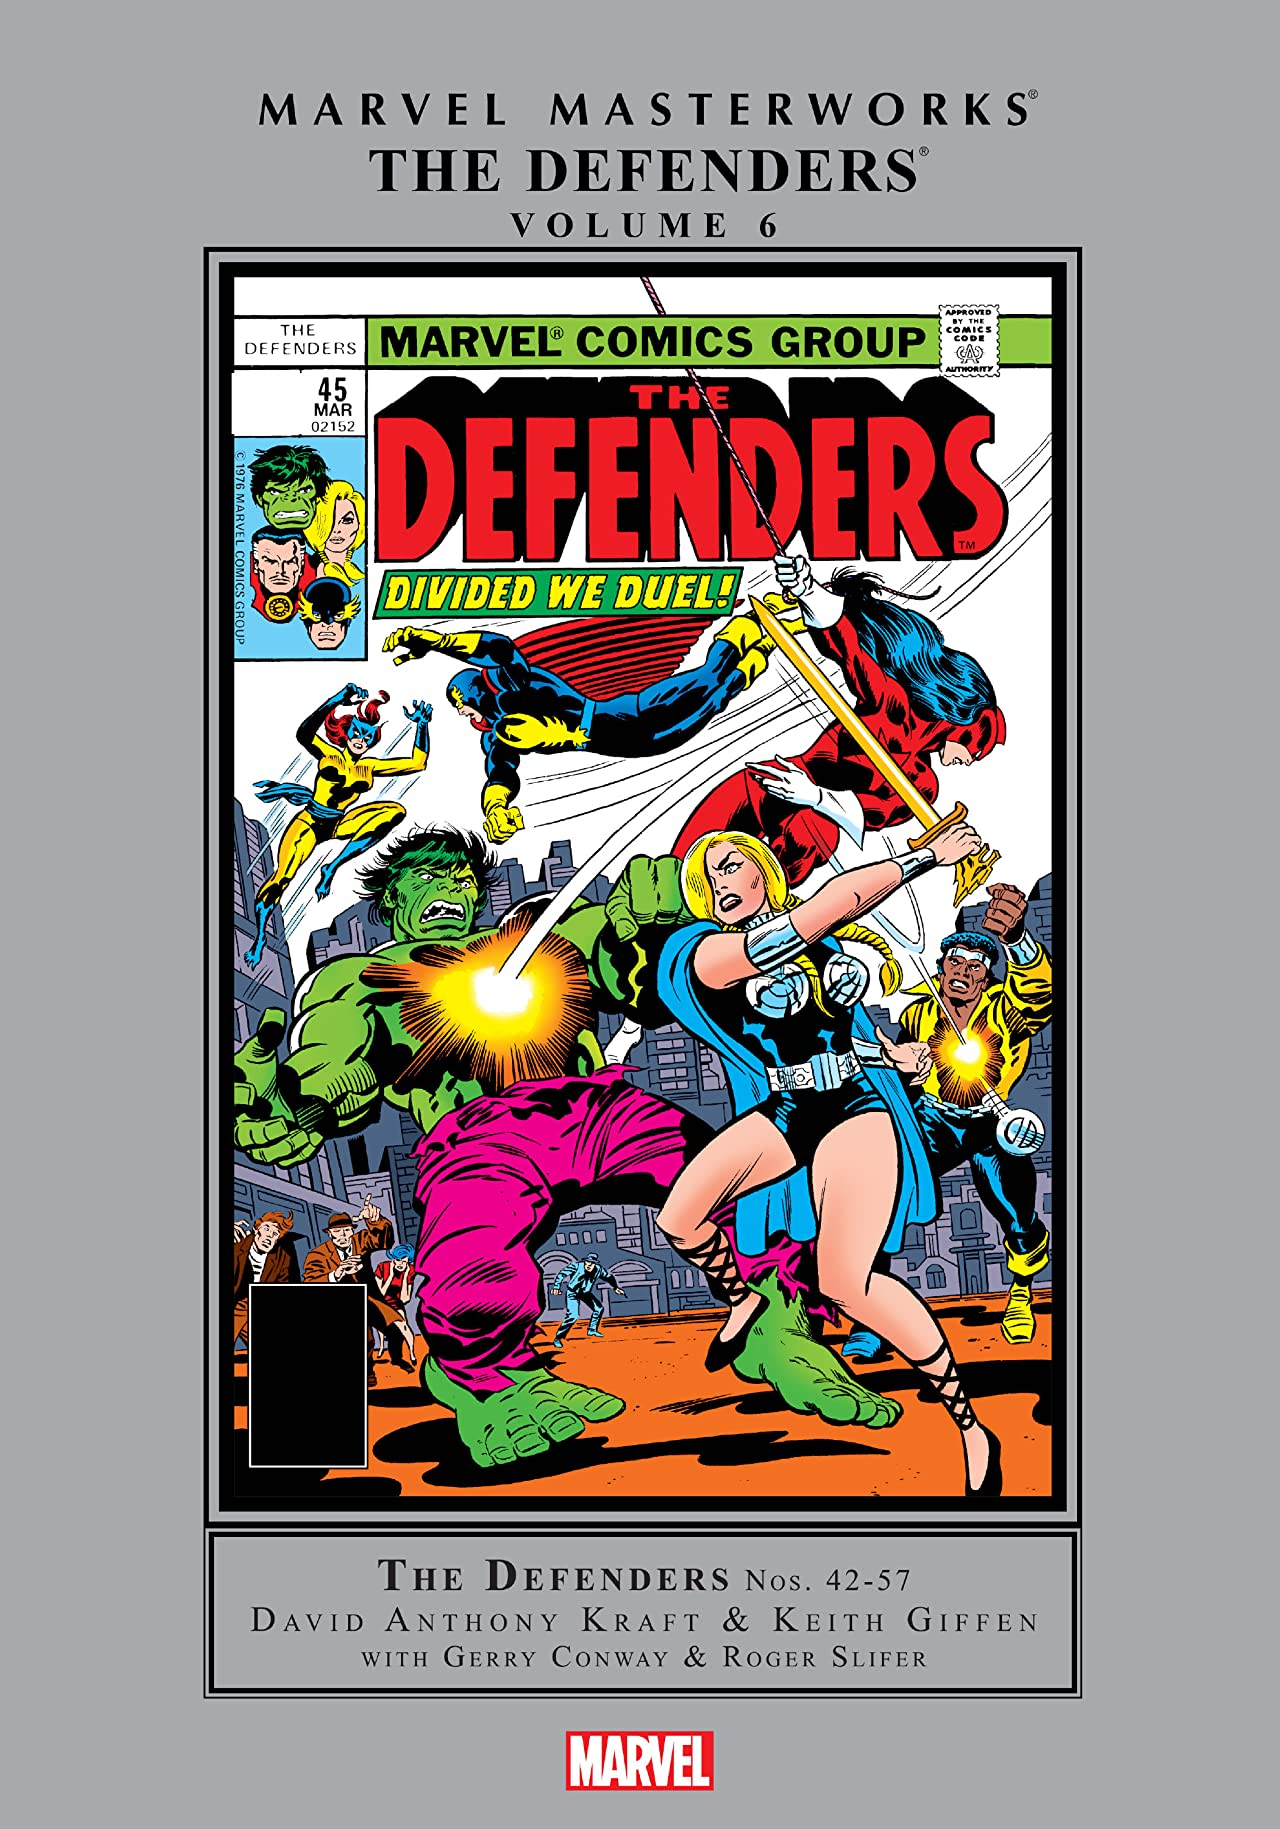 Defenders Masterworks Vol. 6